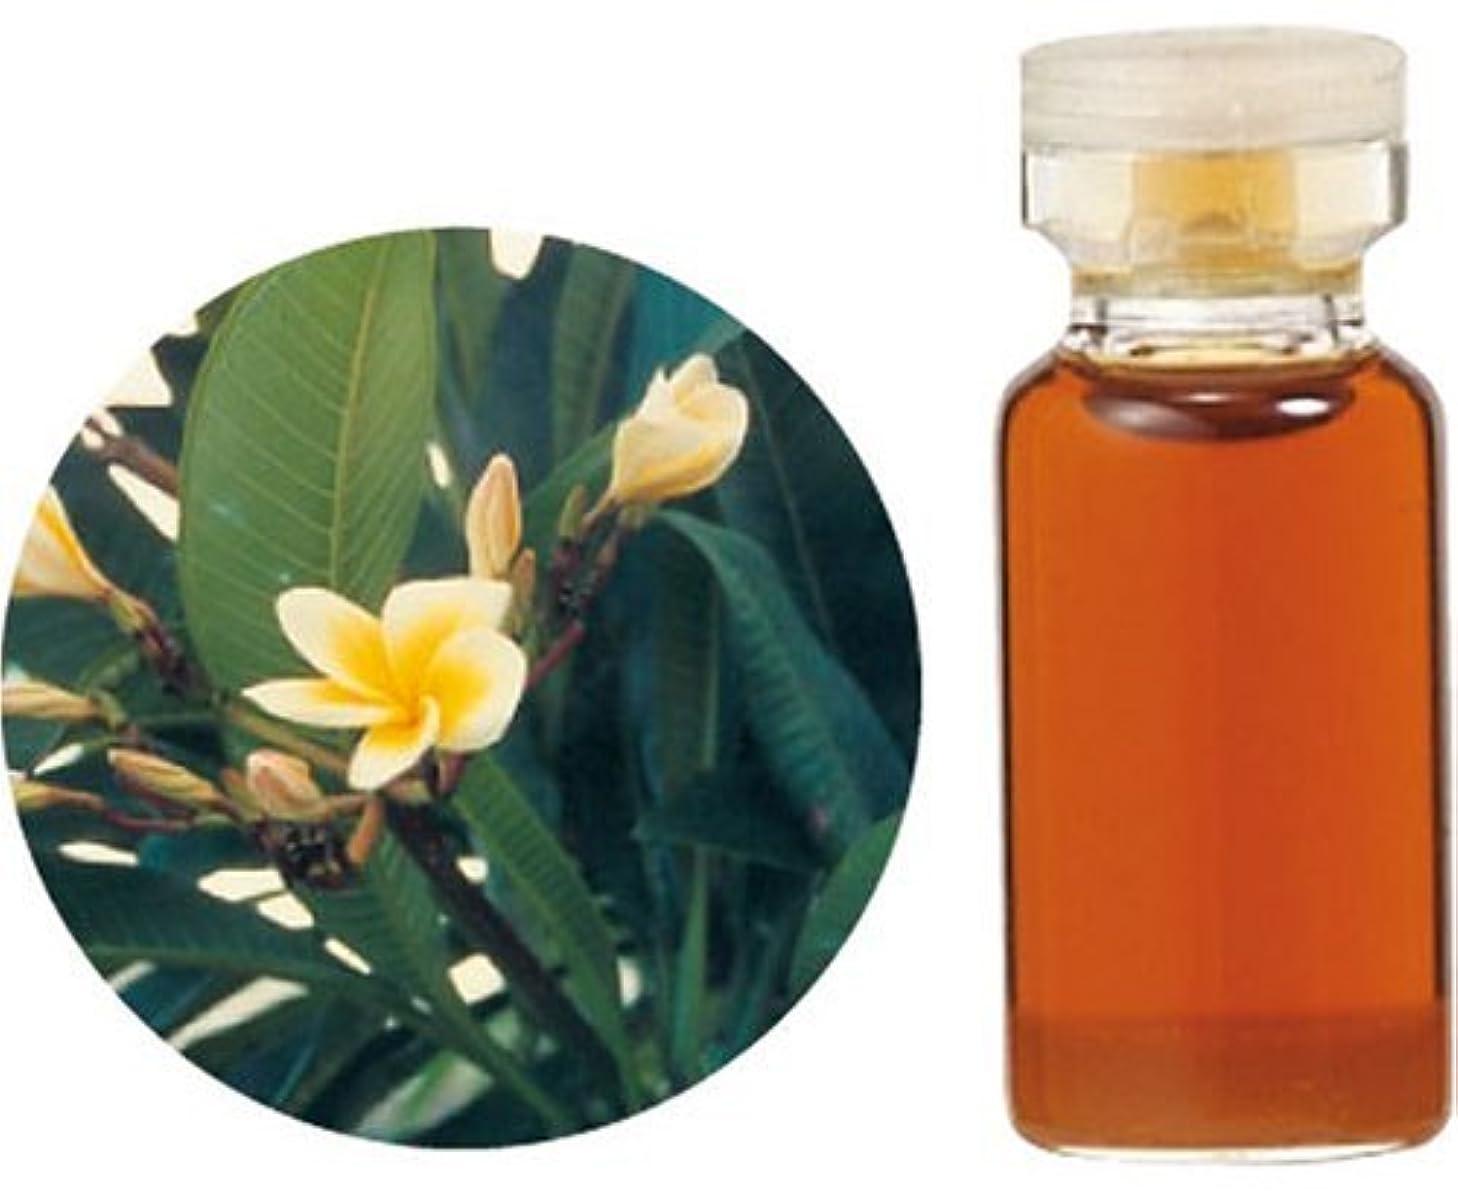 宿泊施設共役睡眠Herbal Life フランジュパニAbs 25%希釈液 1ml